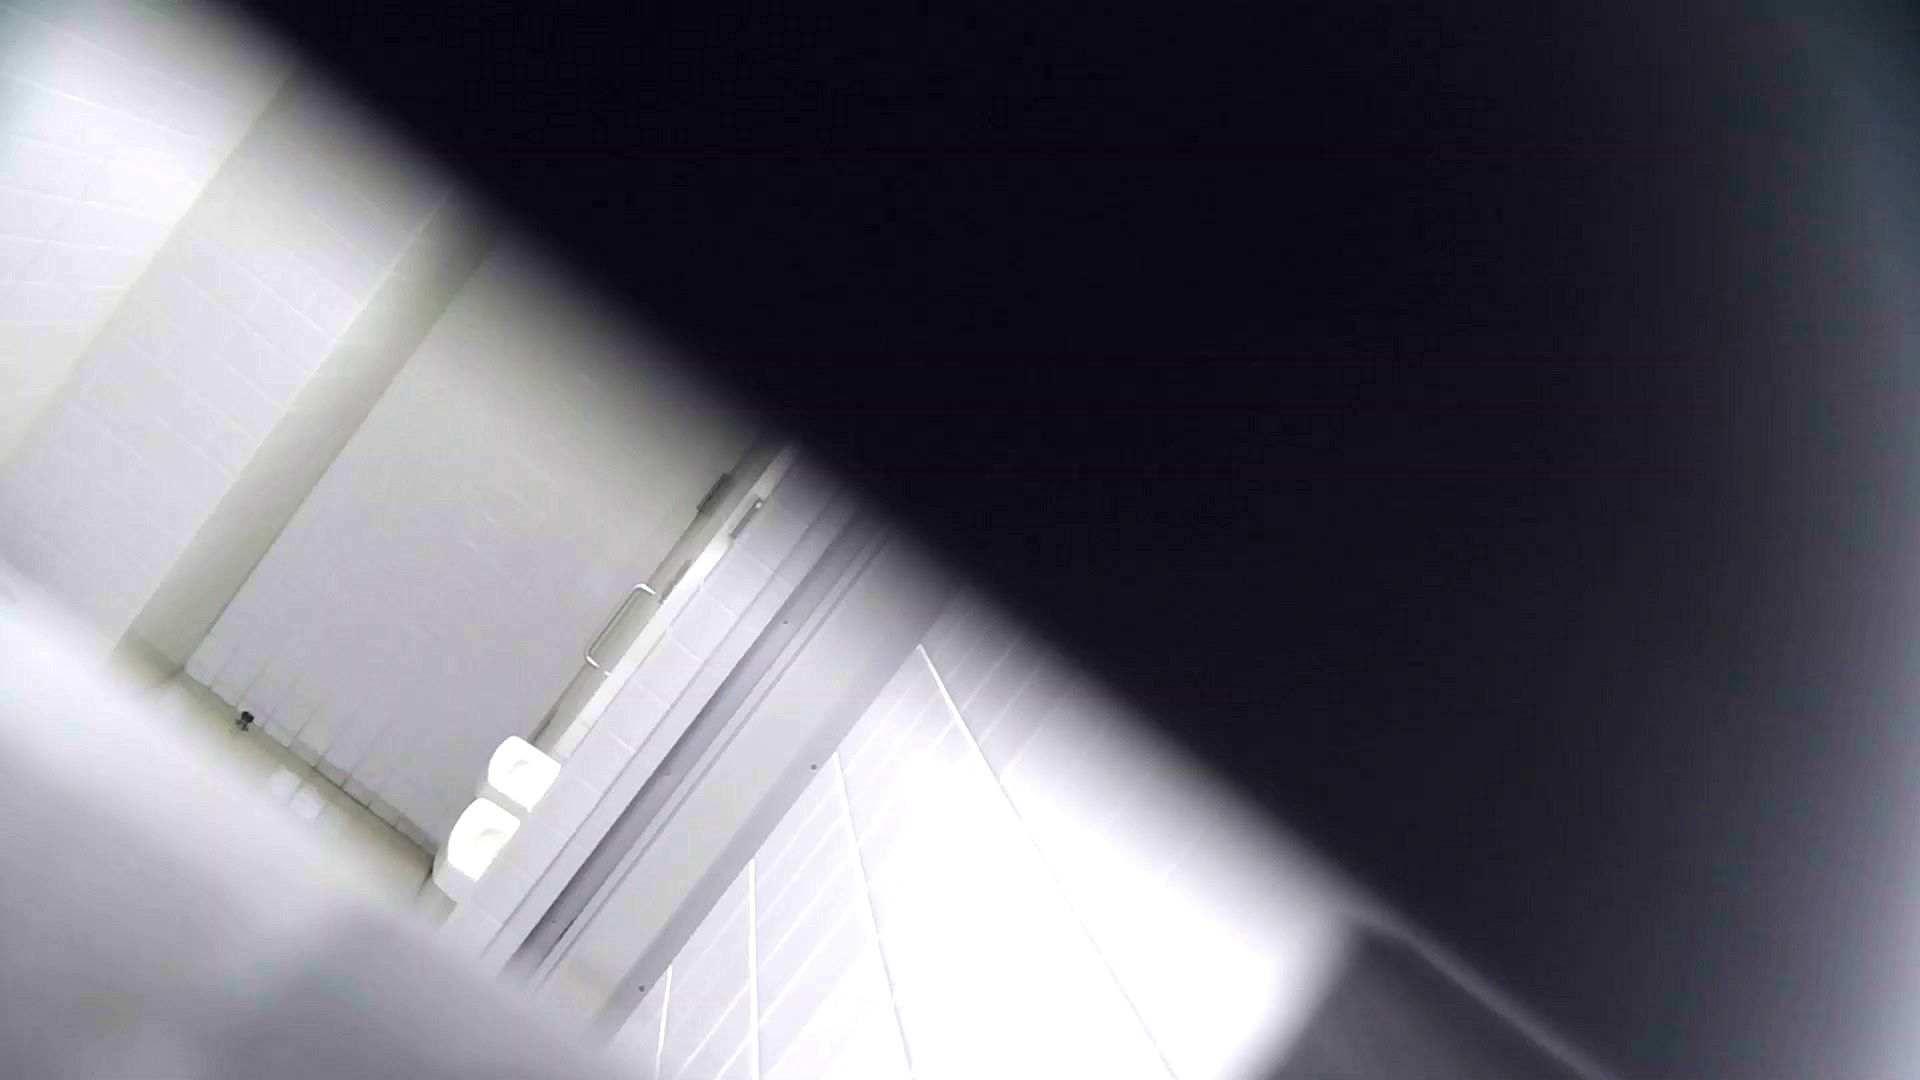 vol.03 命がけ潜伏洗面所! 薄毛がたまりません。 洗面所 | プライベート投稿  81PIX 13